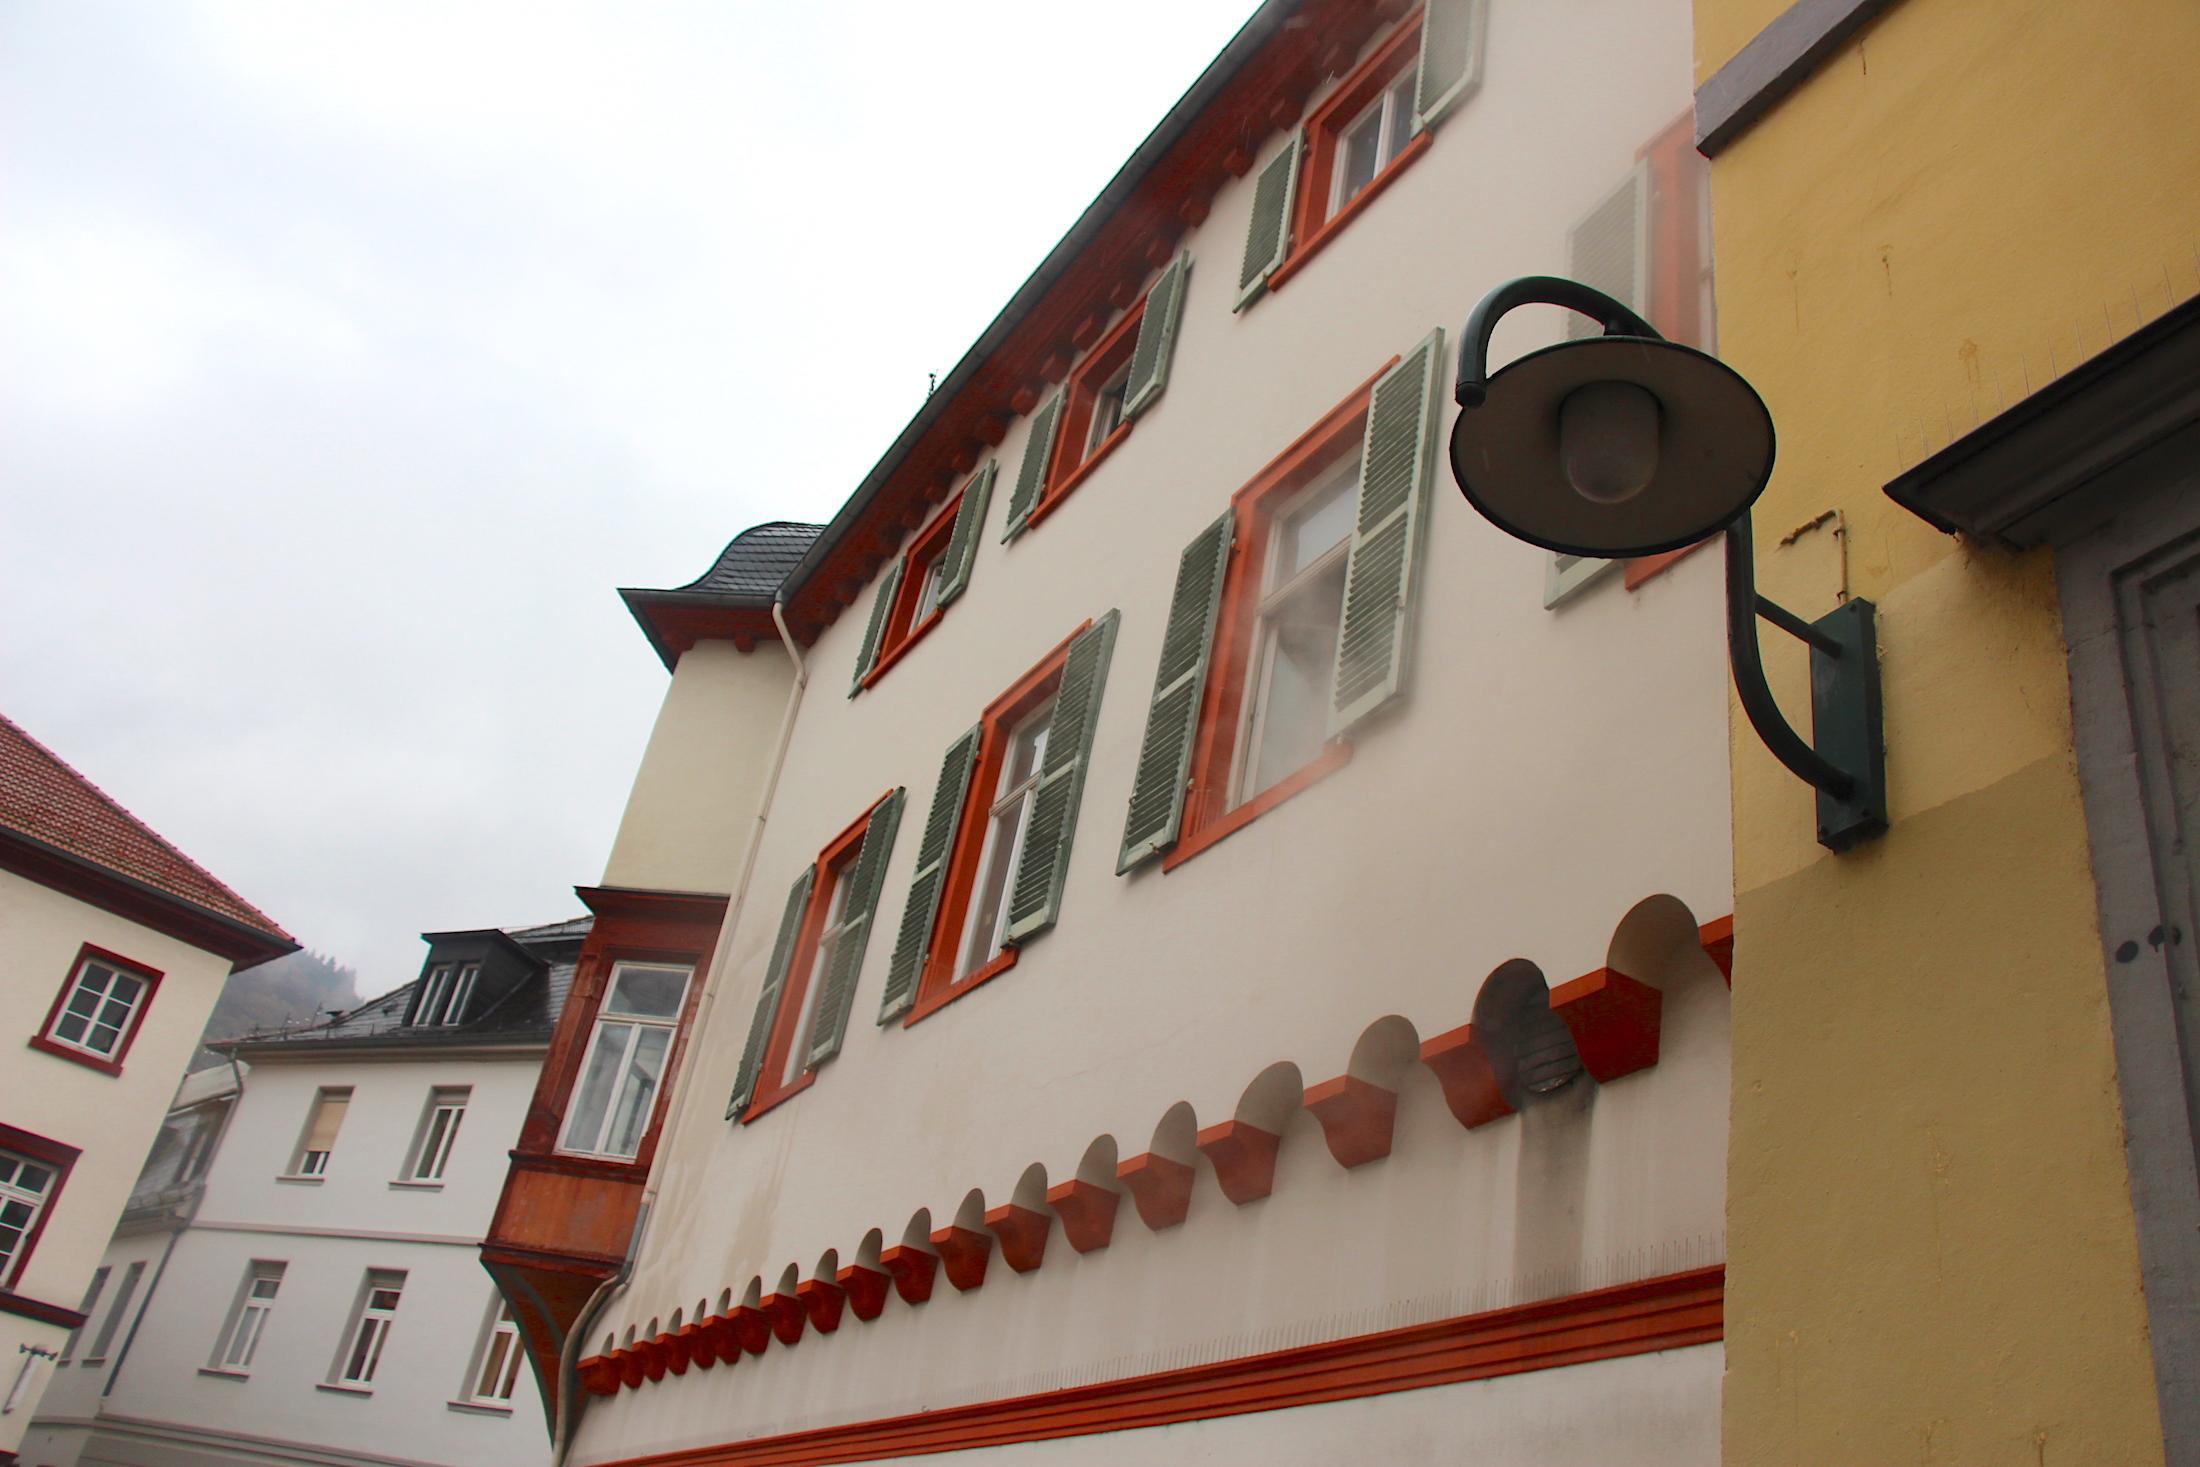 FOTOS: Heidelberg-Altstadt: Aktueller Stand: Abriss und